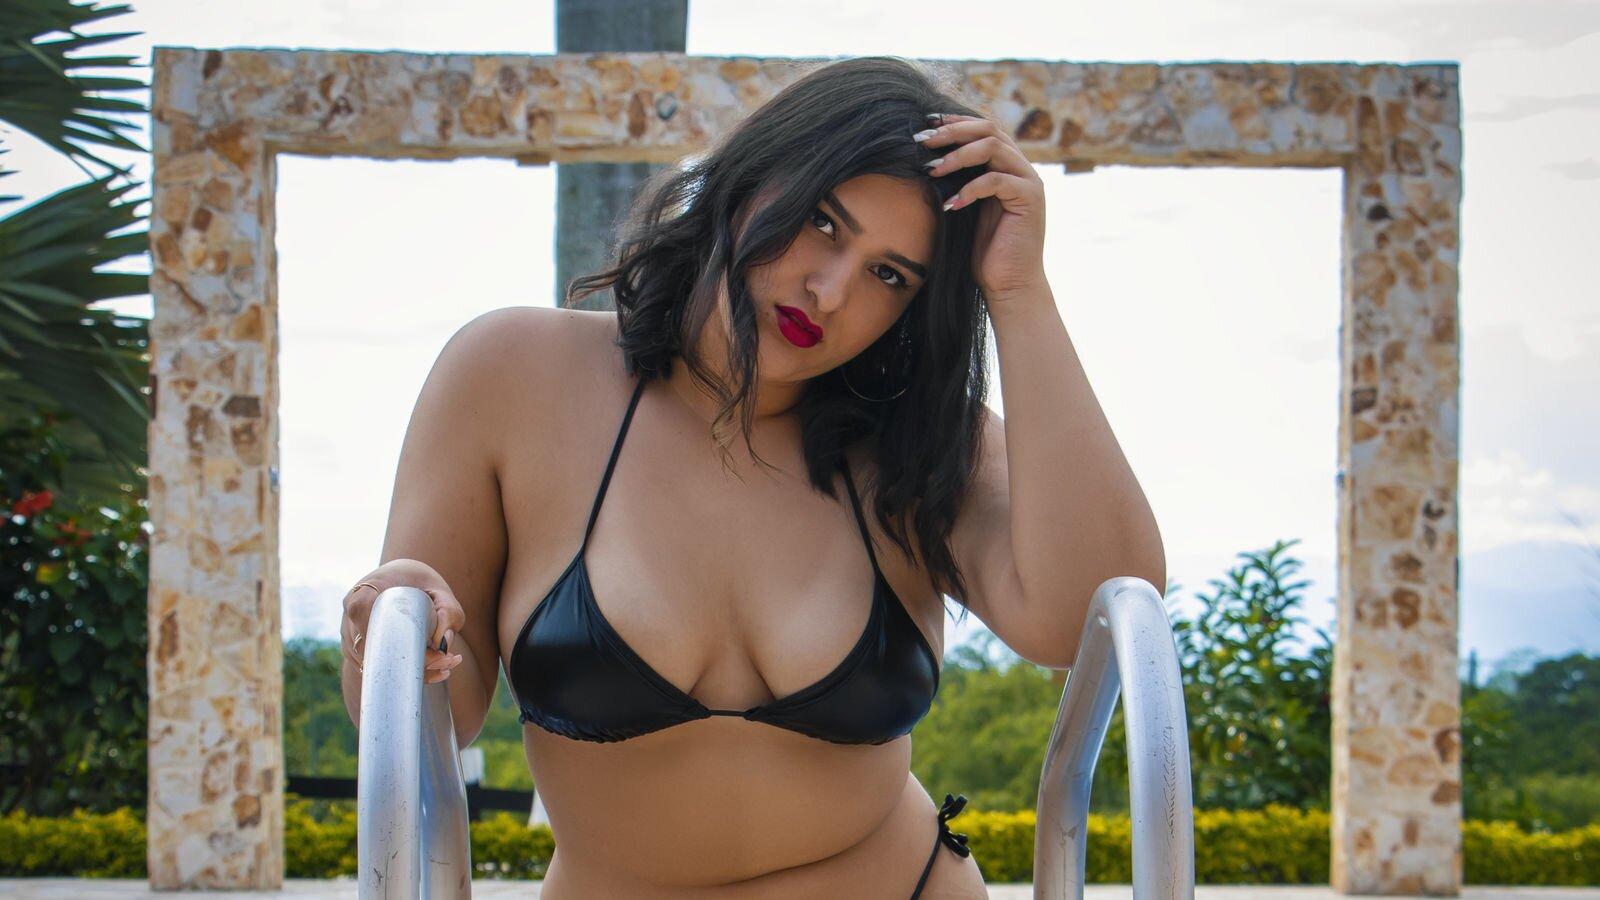 MarianaGreys